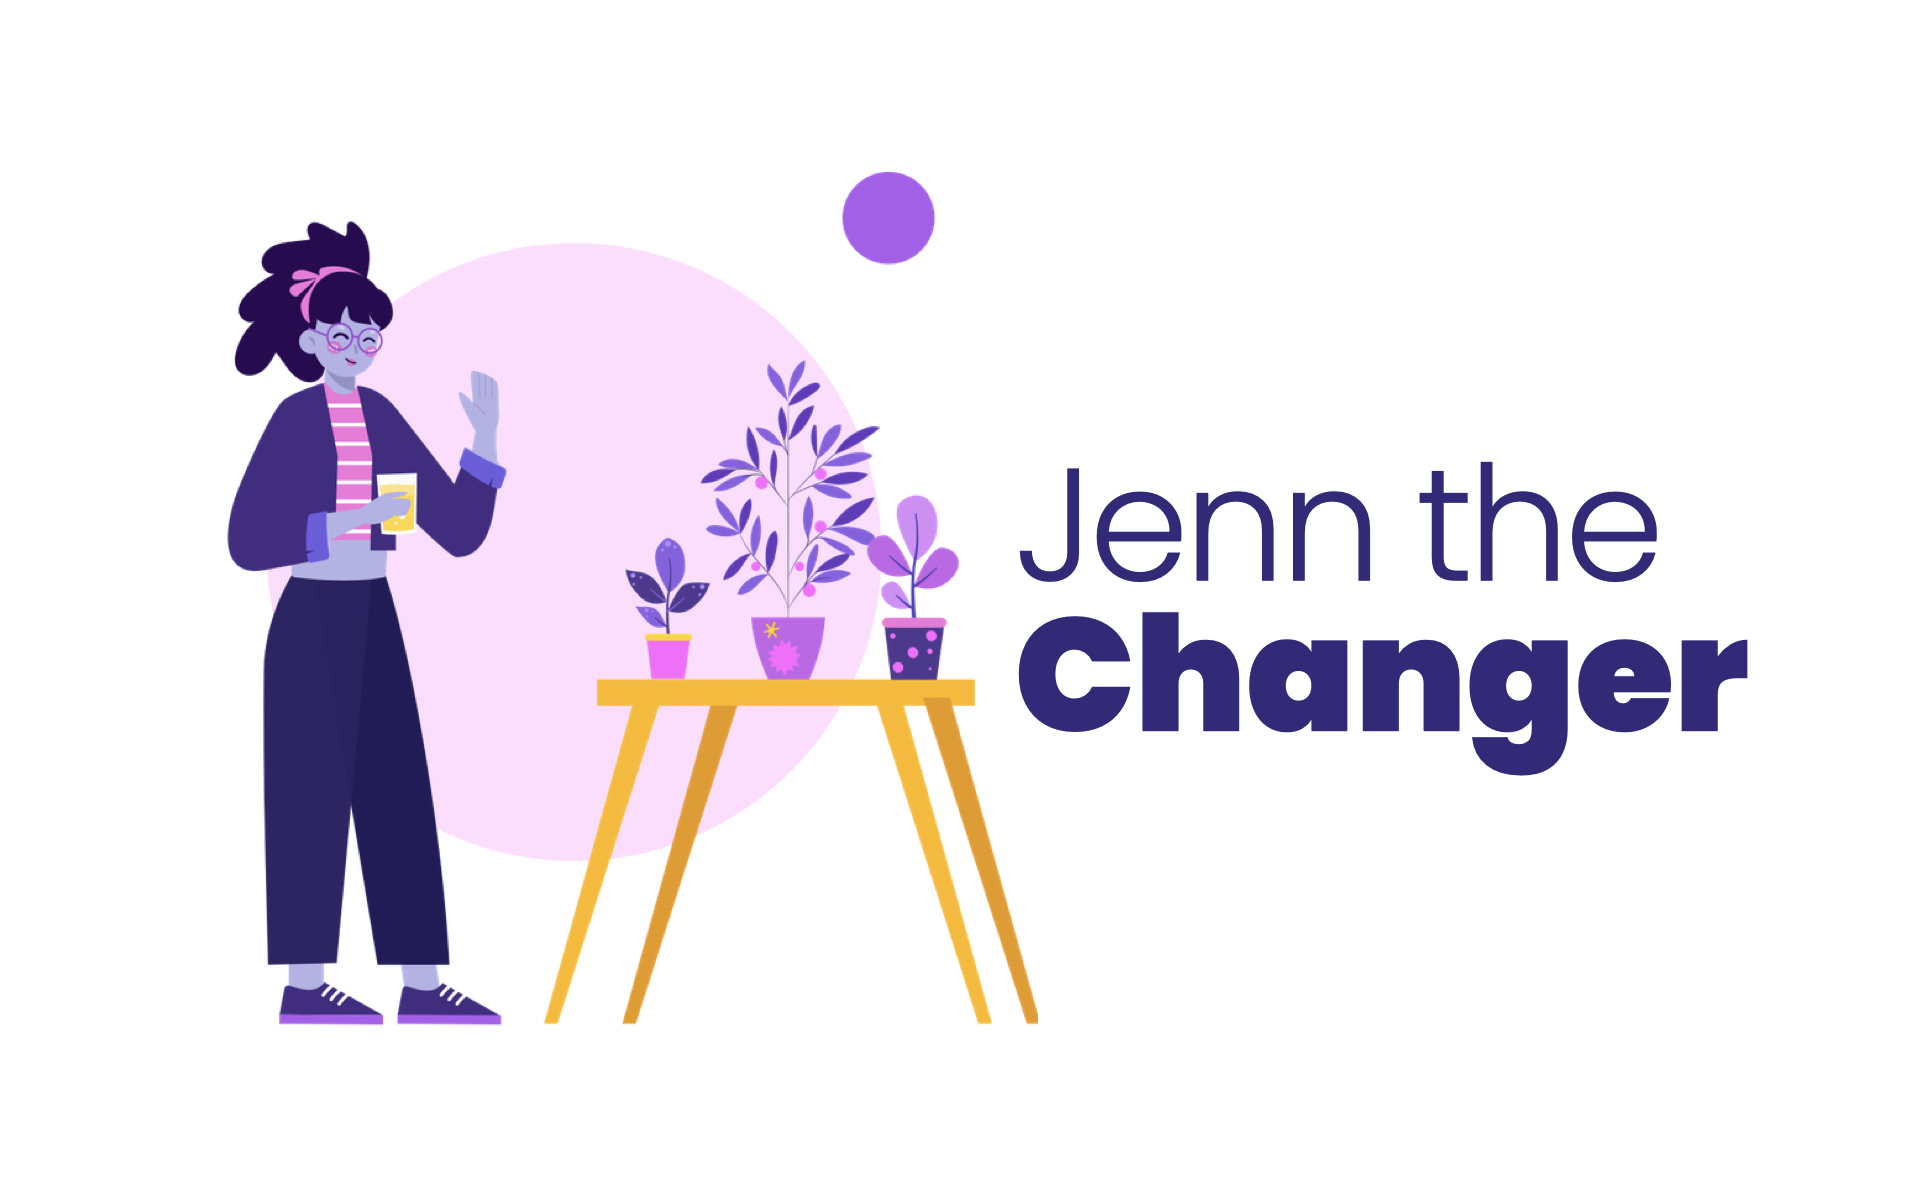 Jenn the Changer persona